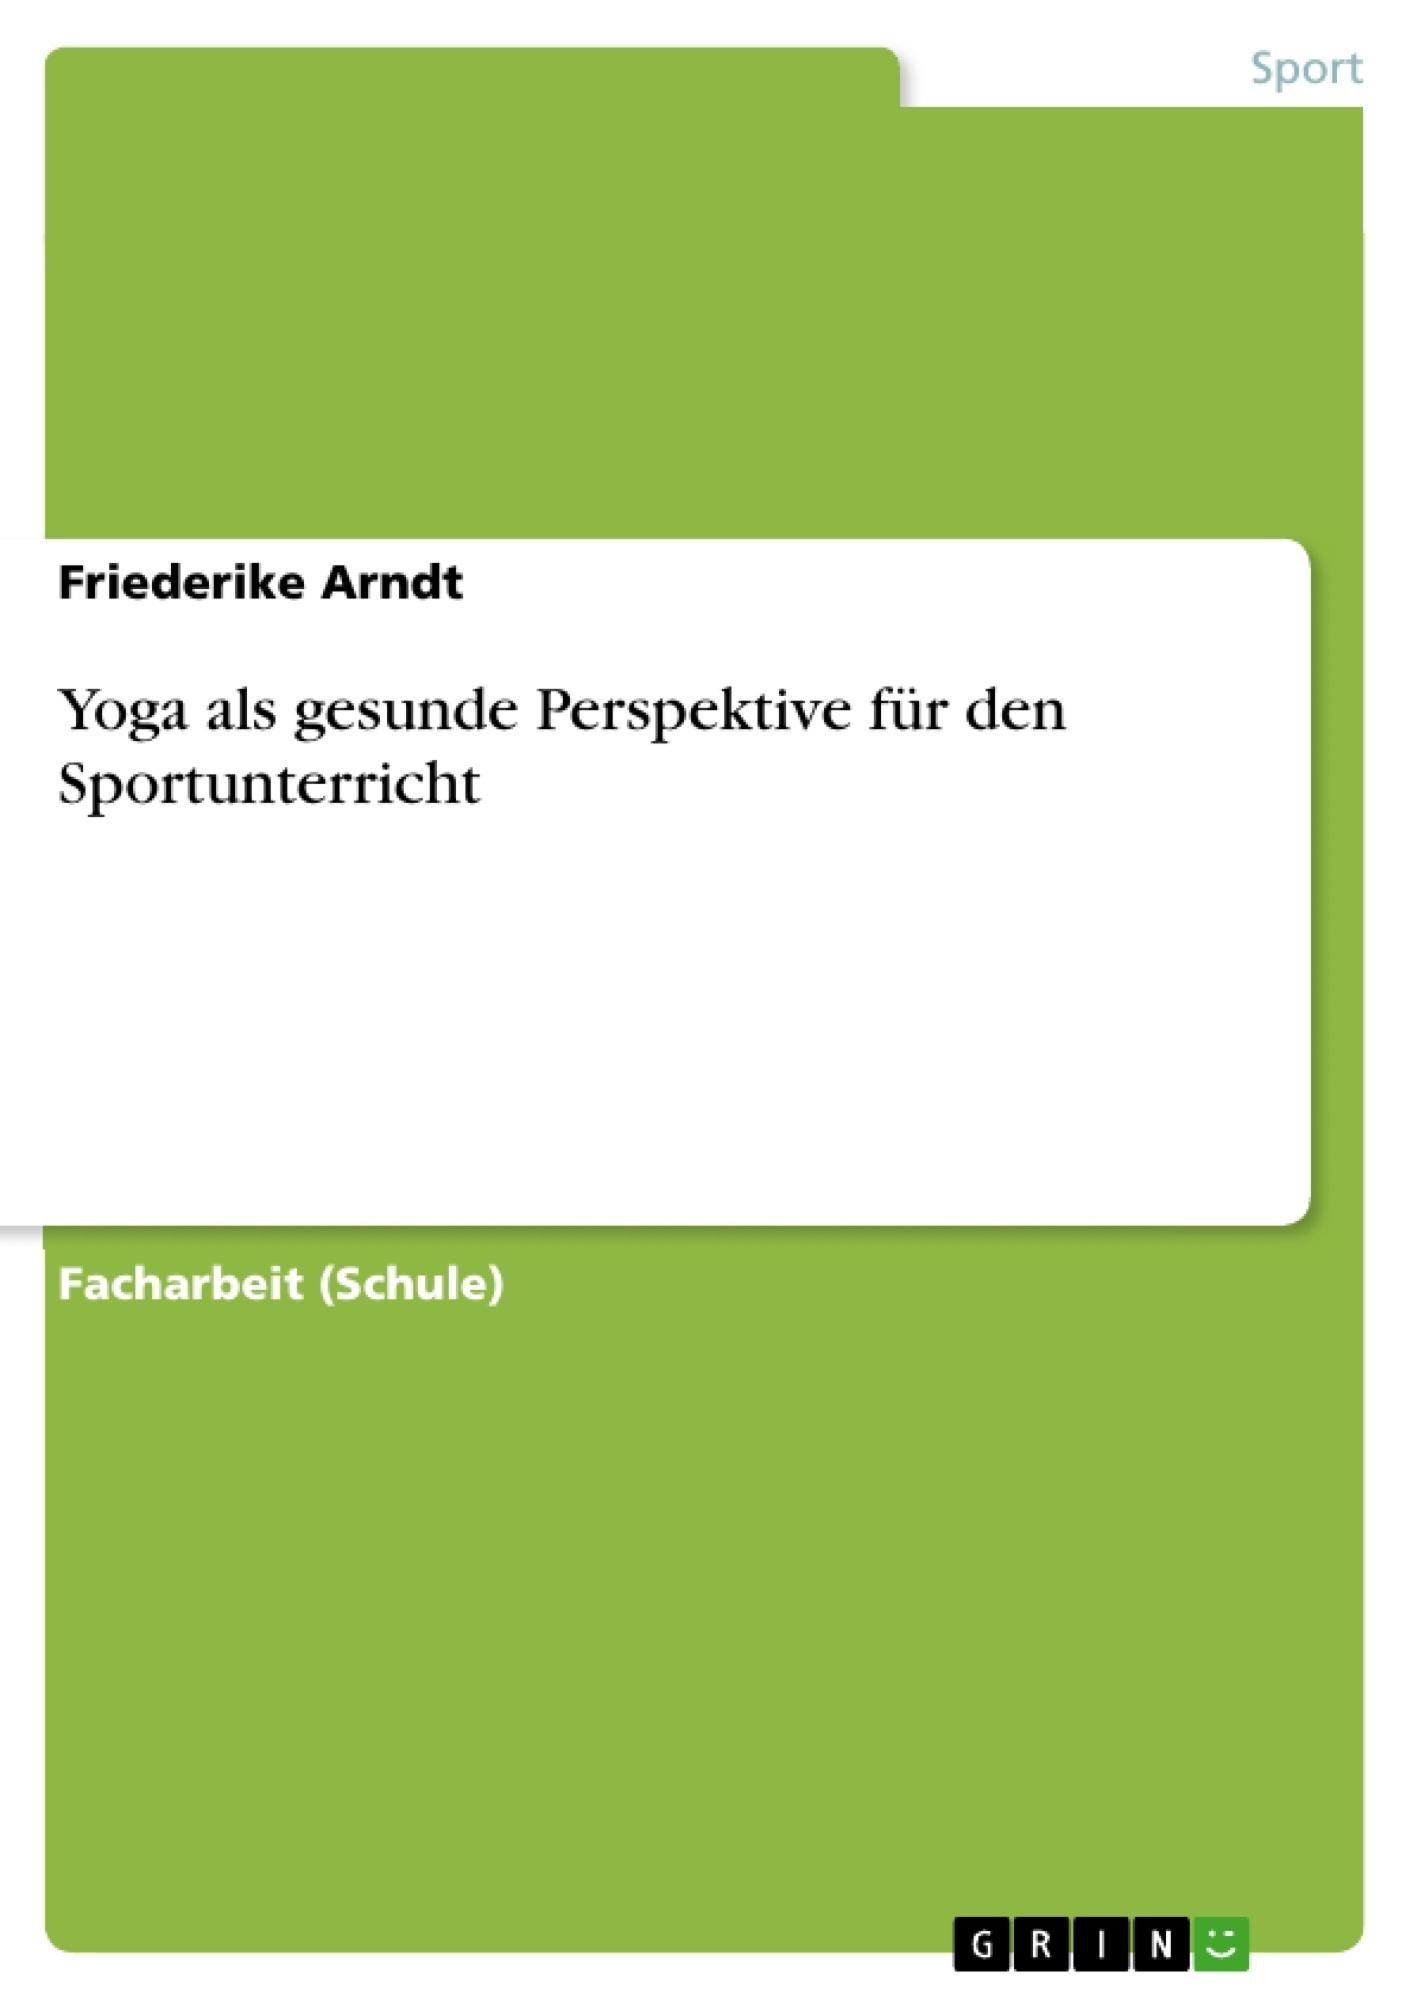 Titel: Yoga als gesunde Perspektive für den Sportunterricht